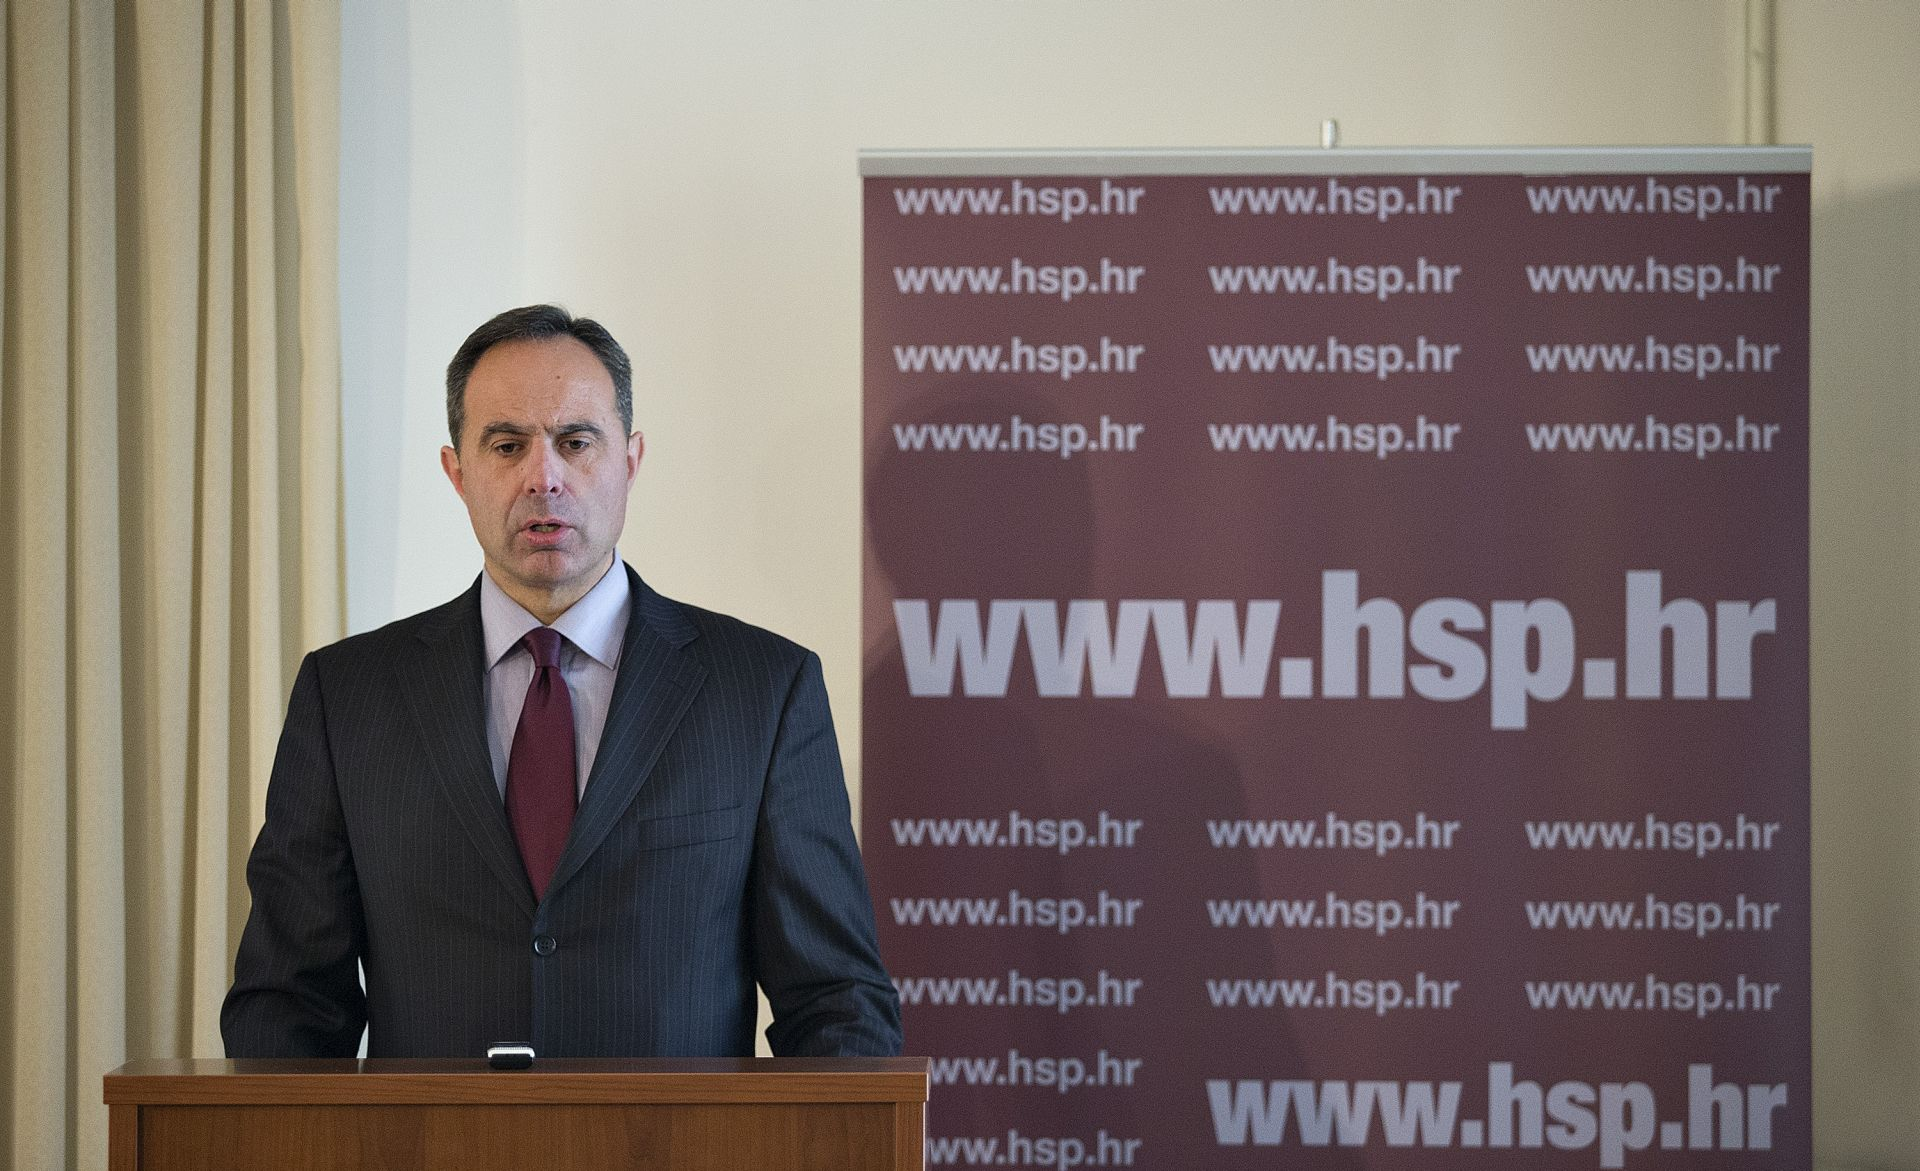 HSP zahtijeva poništenje Manolićeva izvješća i rehabilitaciju heroja Vukovara